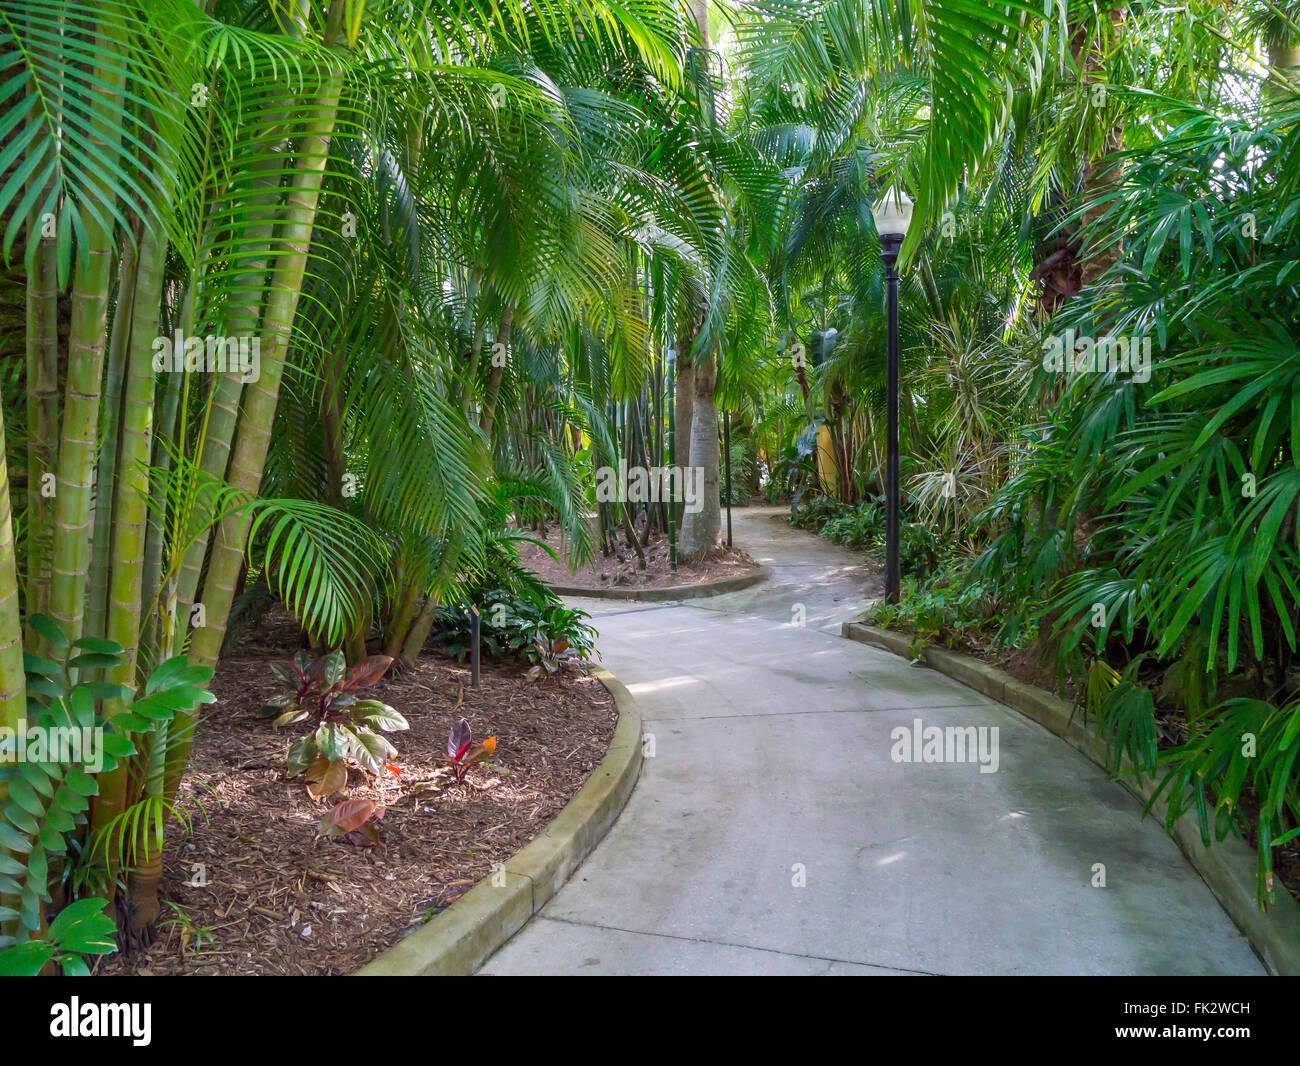 Path in Sunken Gardens in St Petersburg Florida - Stock Image